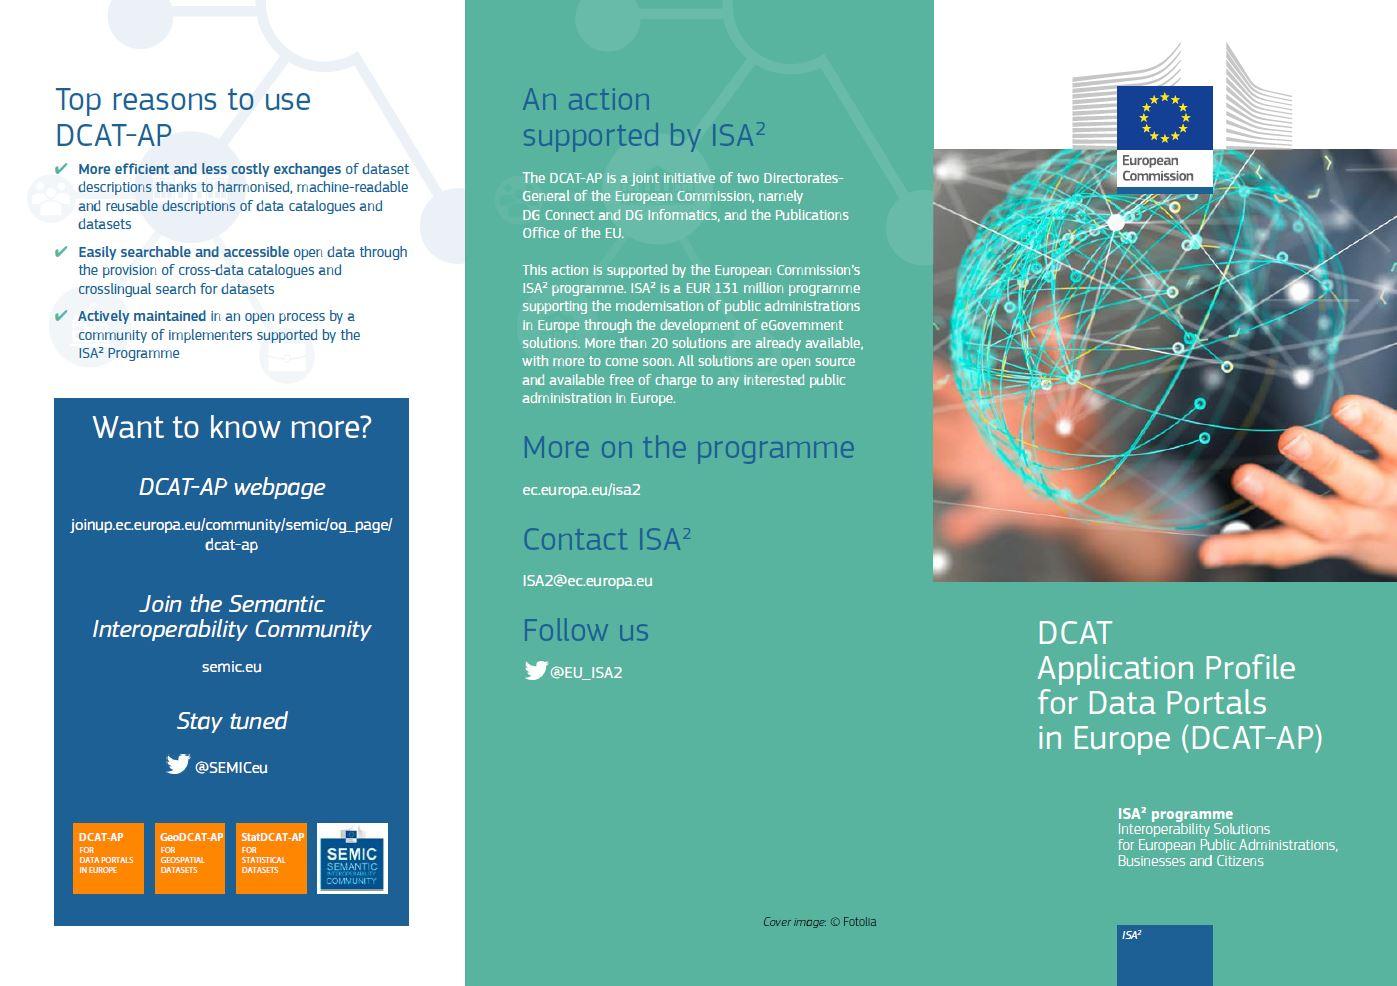 DCAT-AP leaflet